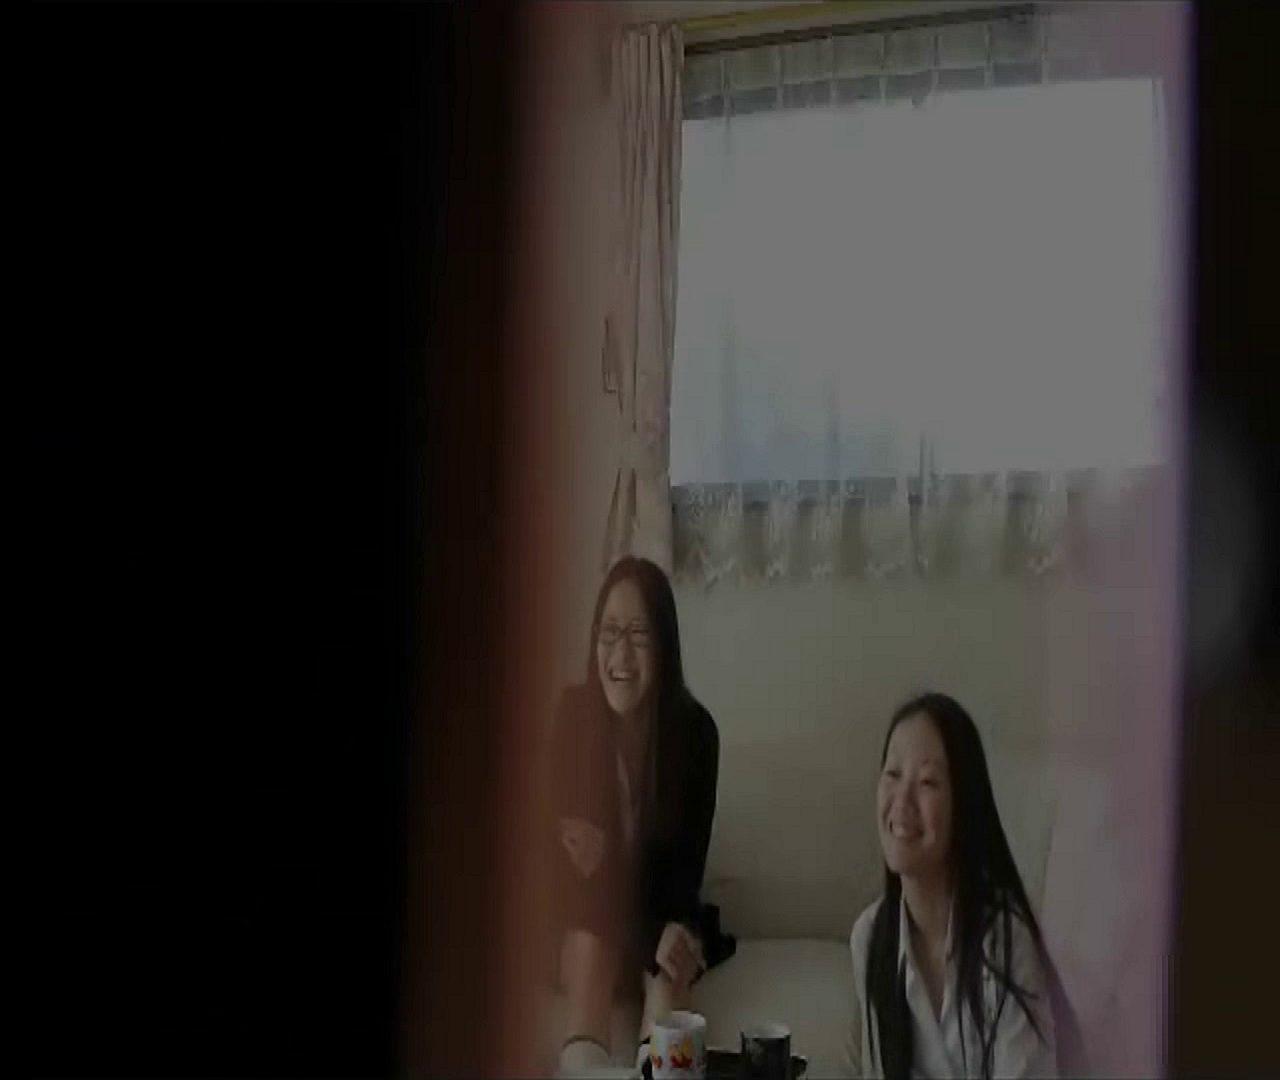 二人とも育てた甲斐がありました… vol.01 まどかとレイカの日常 OLセックス   0  91画像 5